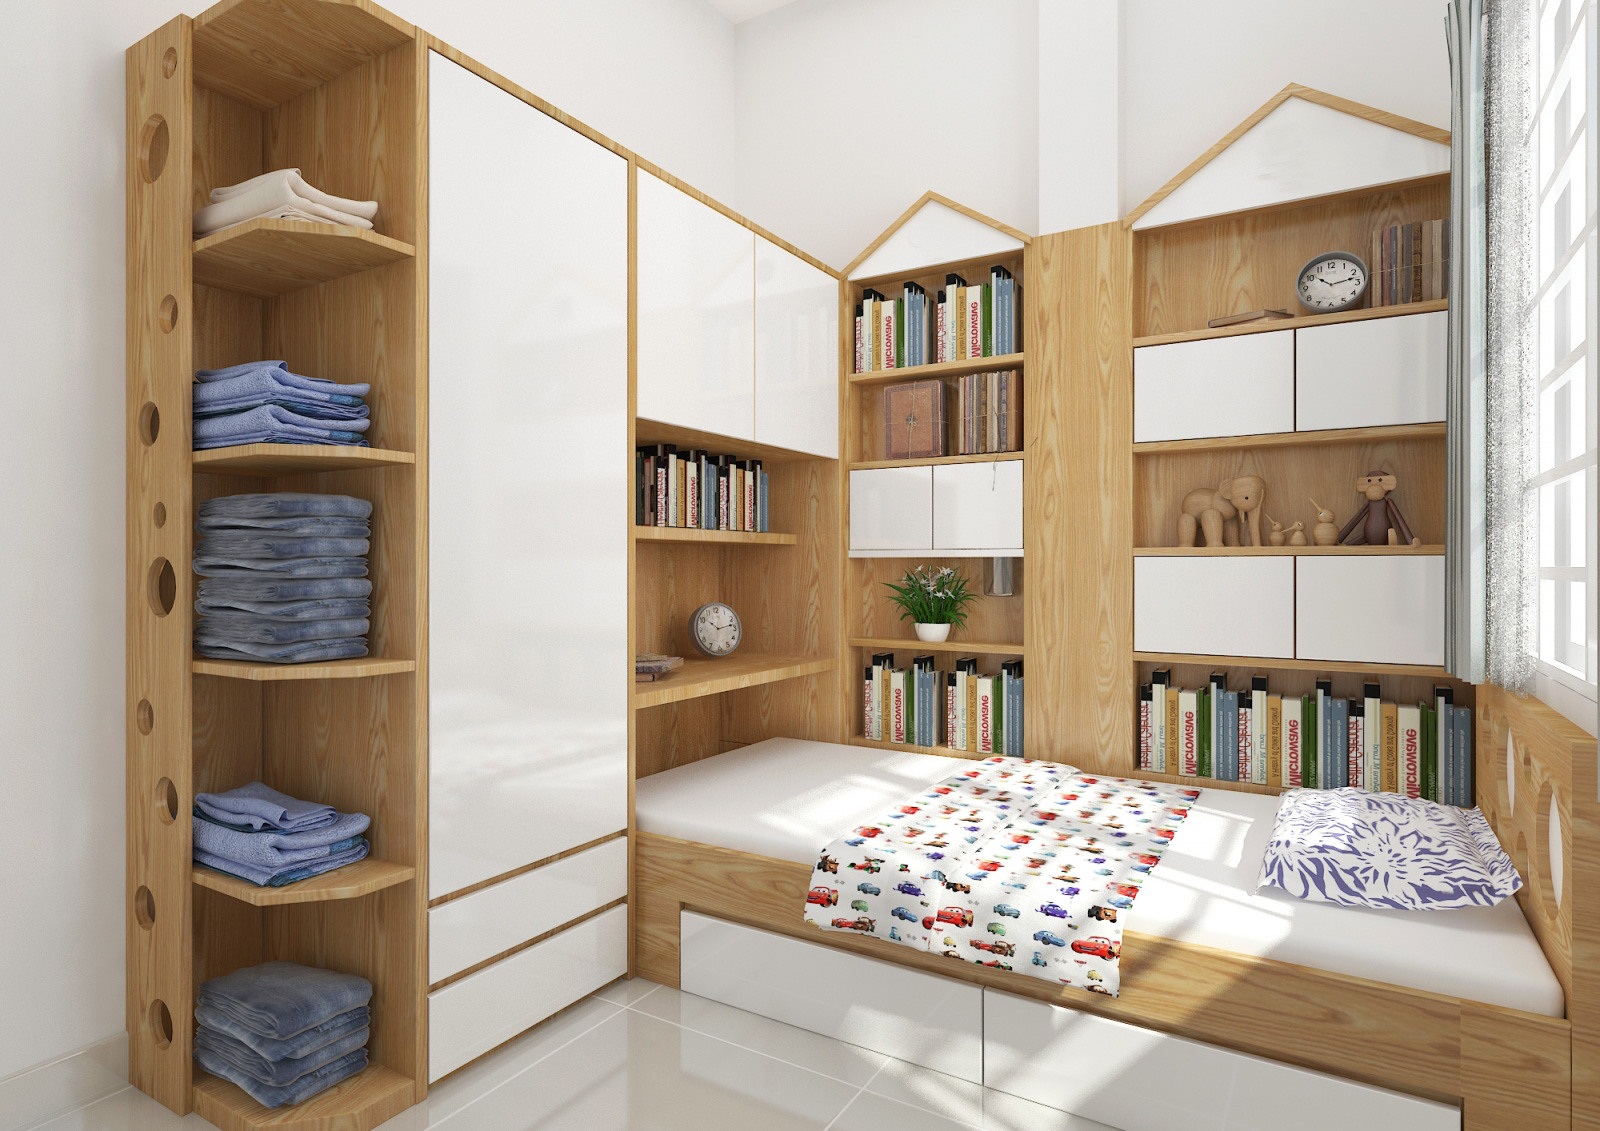 Tư vấn thiết kế căn hộ chung cư diện tích 56m2 với tổng chi phí 100 triệu đồng - Ảnh 10.